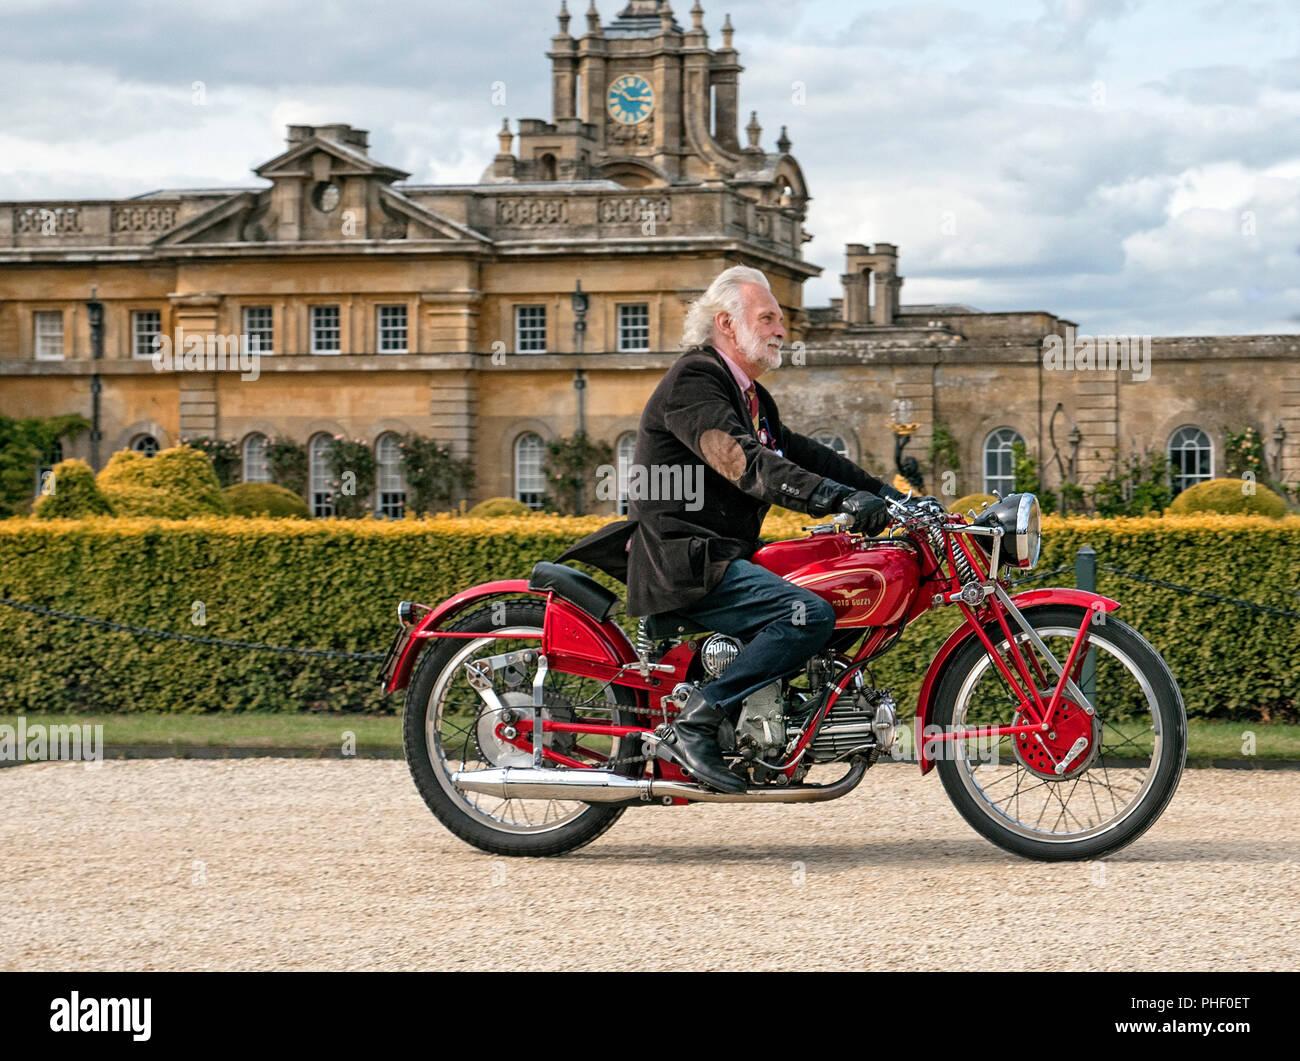 1938 Moto Guzzi GTC Leggera au Salon Prive 2018 Blenheim Palace à Woodstock Oxfordshire, UK Banque D'Images